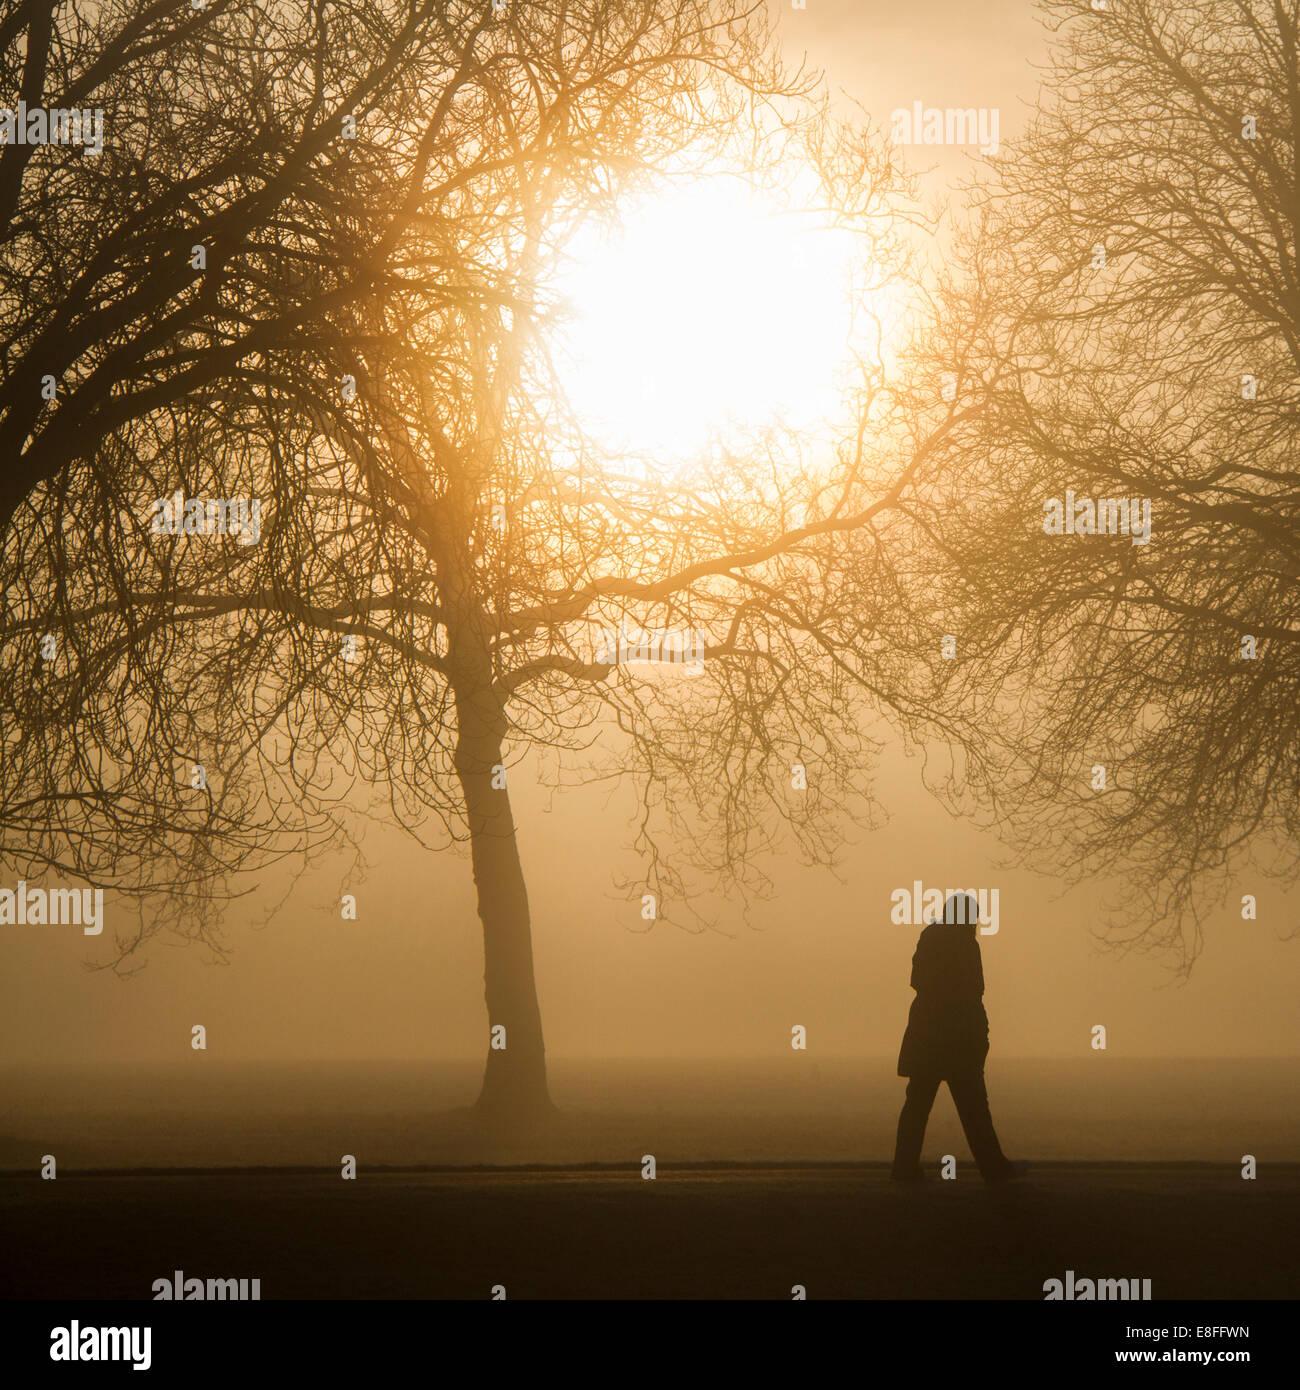 Silueta de una persona caminando a través del parque al amanecer, Berkshire, Inglaterra, Reino Unido. Imagen De Stock